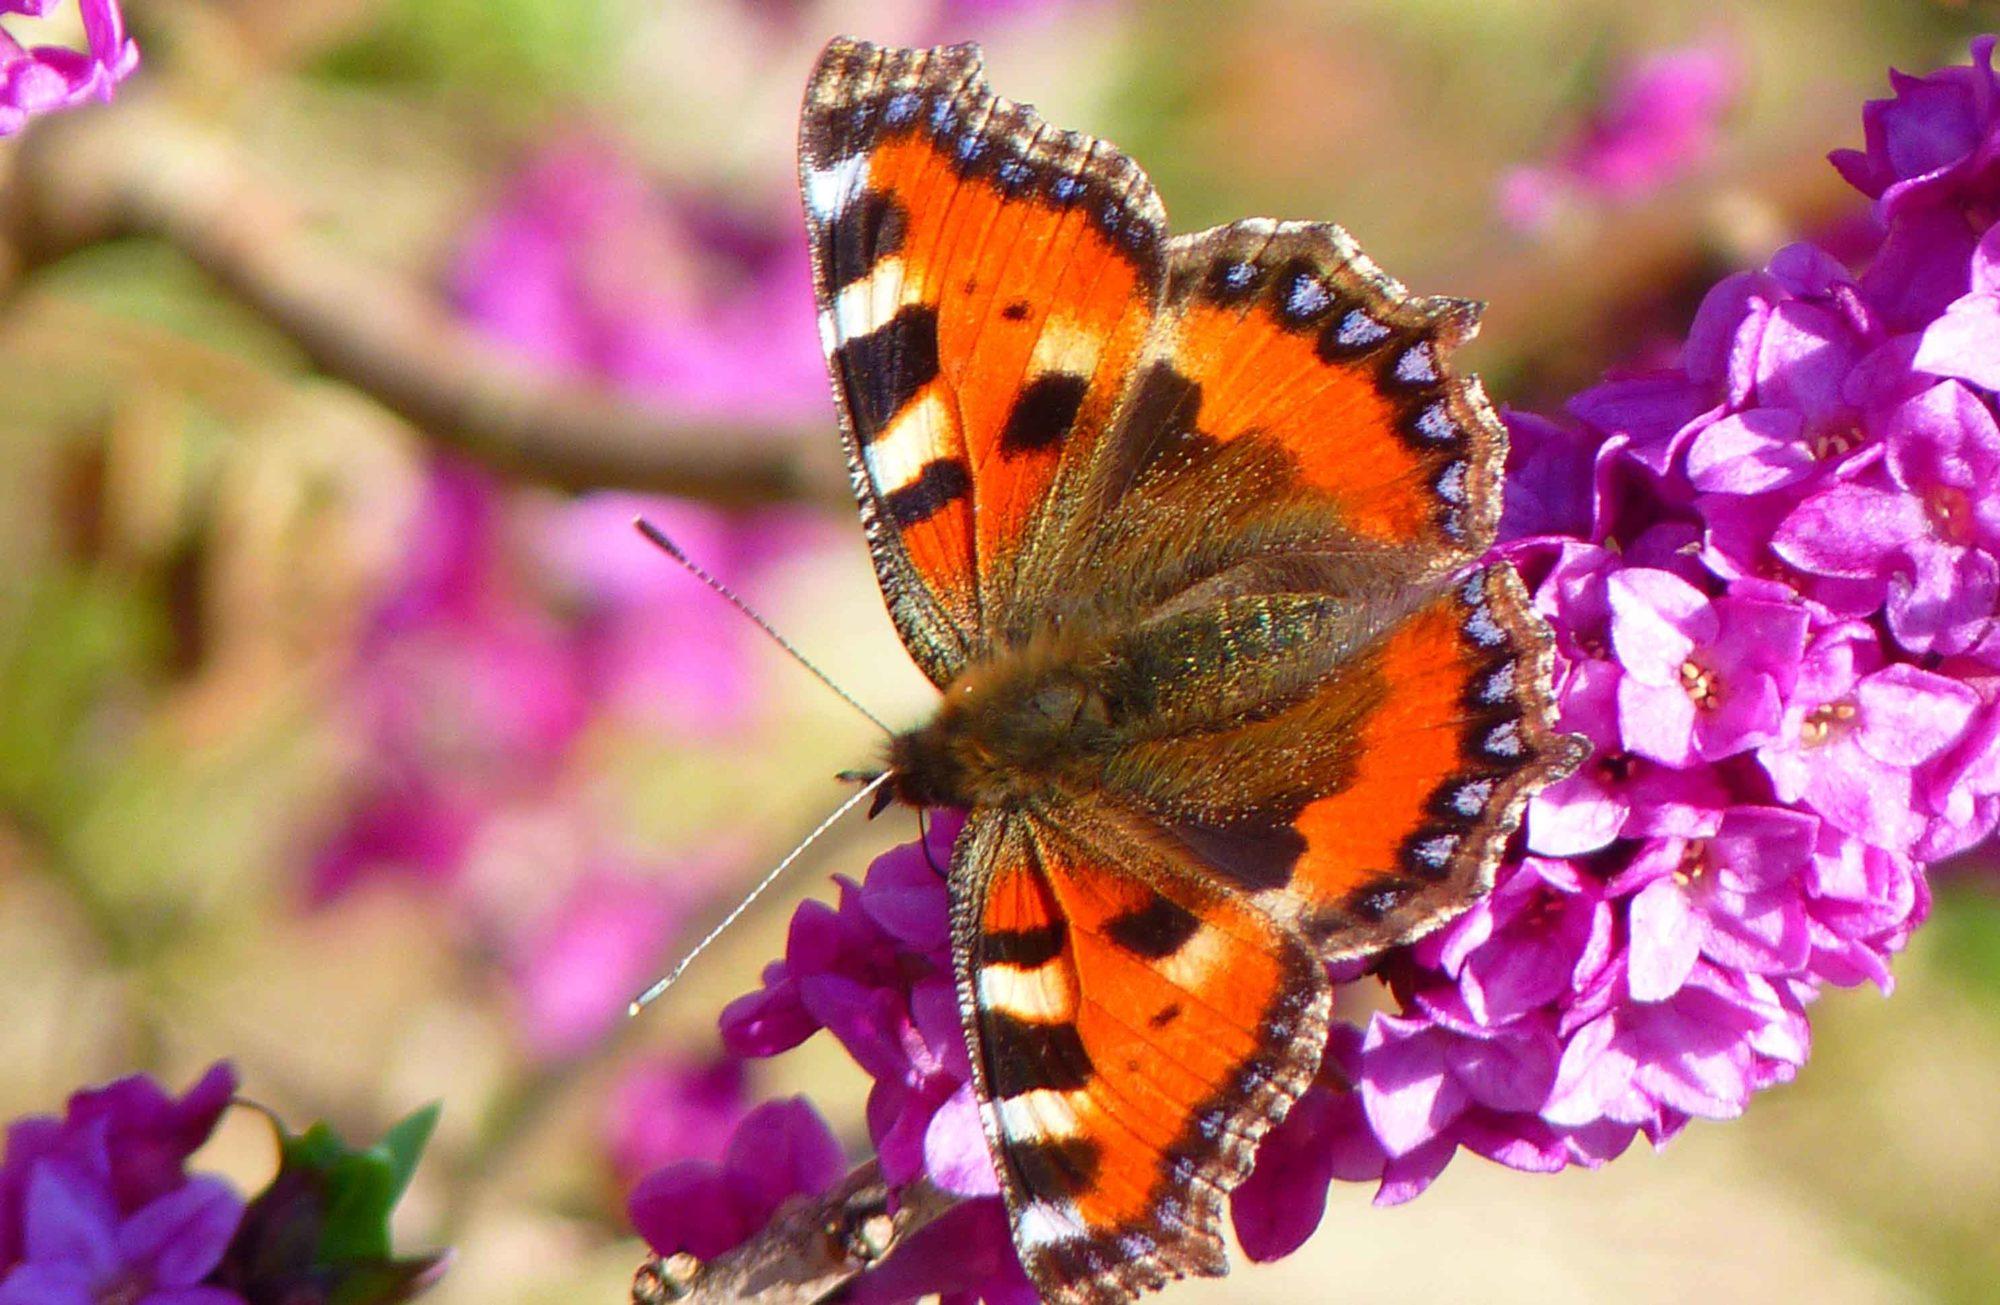 10 beaux papillons observer dans son jardin au printemps depuis mon hamac - Images de papillon ...